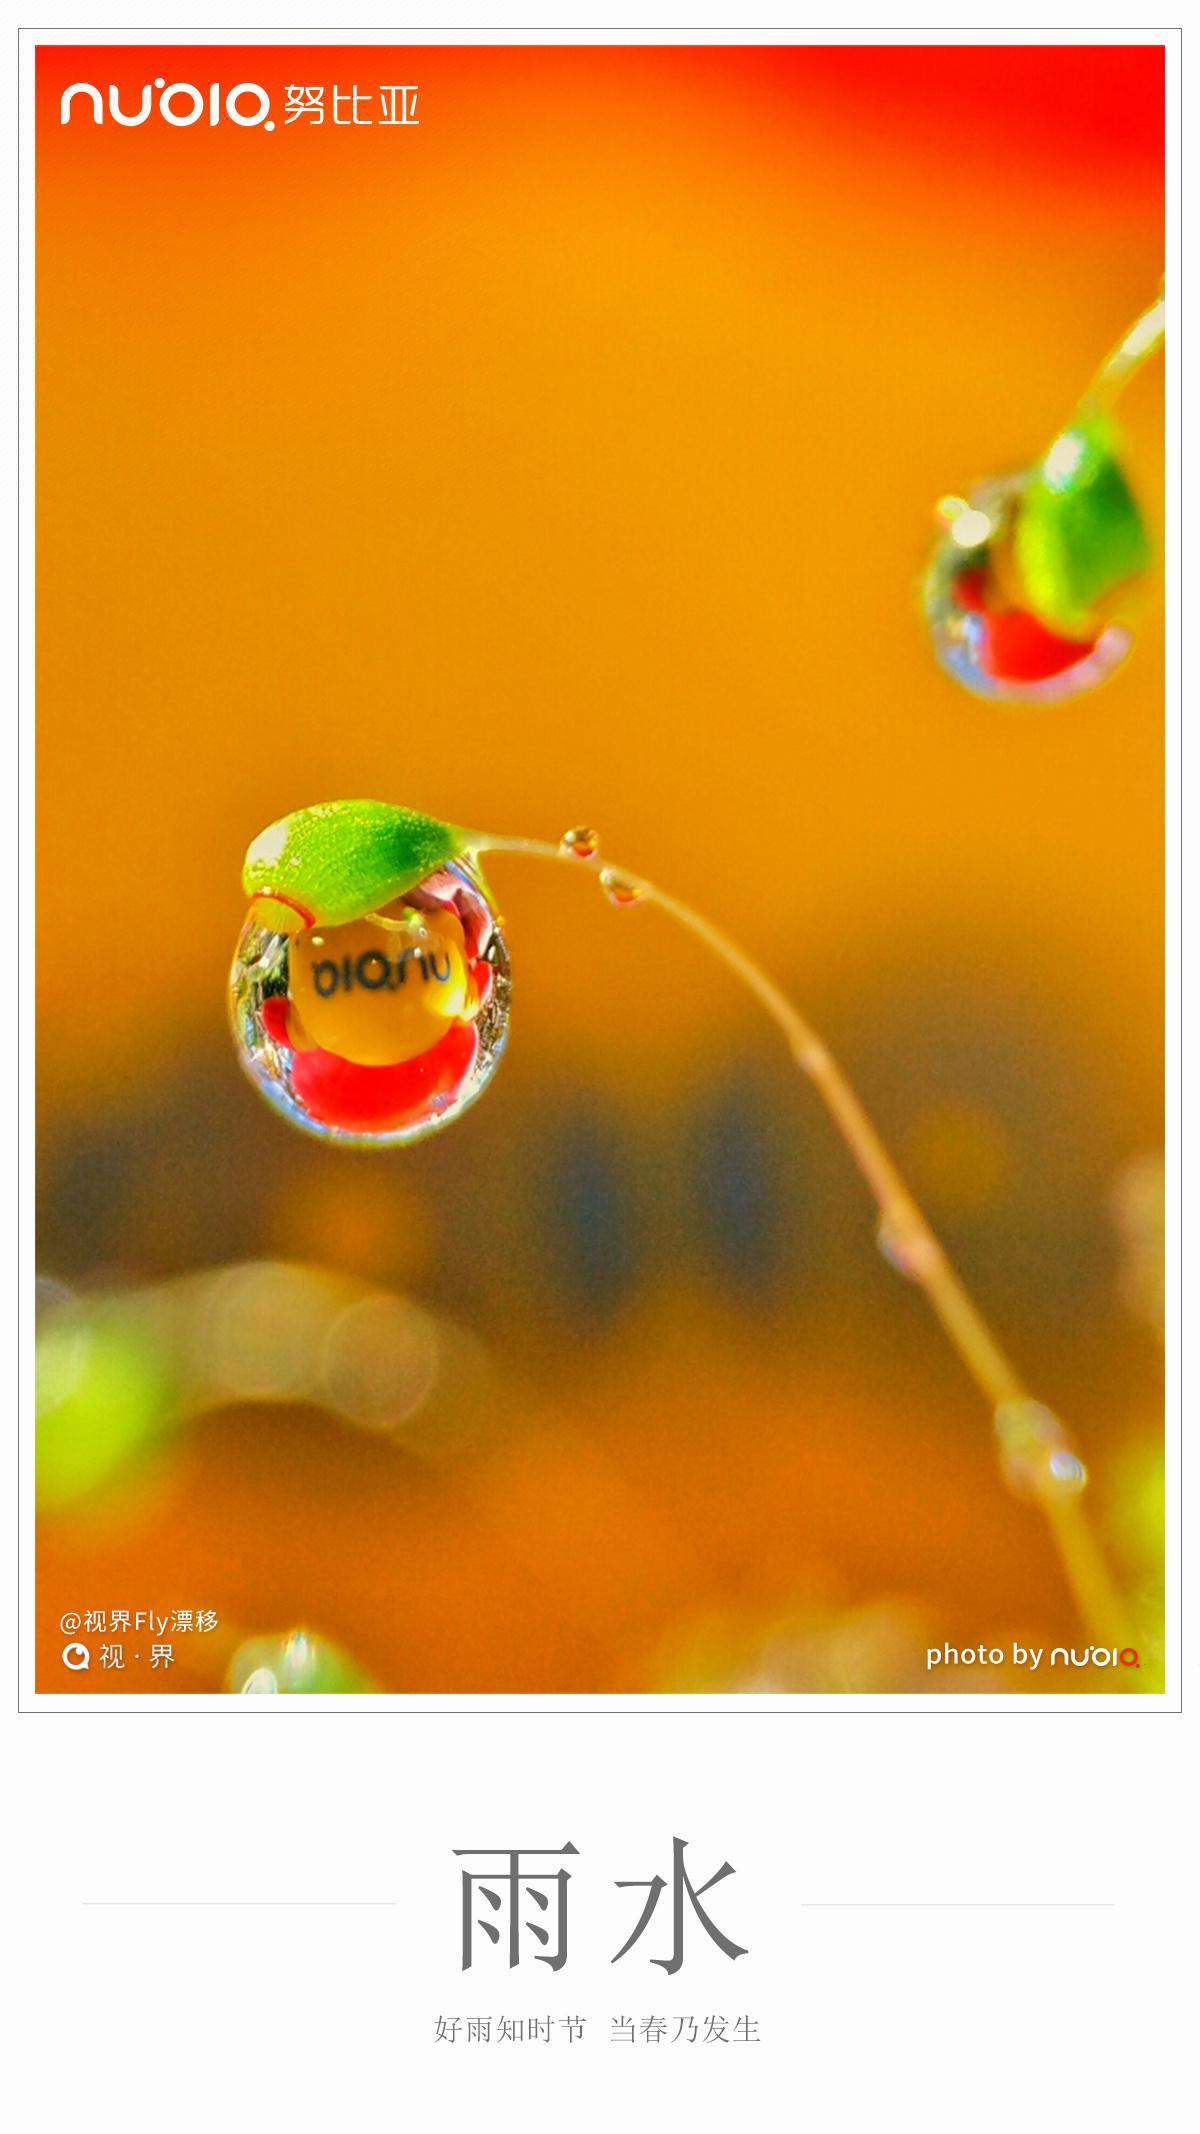 #雨水#前后,东风解冻,散而为雨,万物萌动,春将伊始